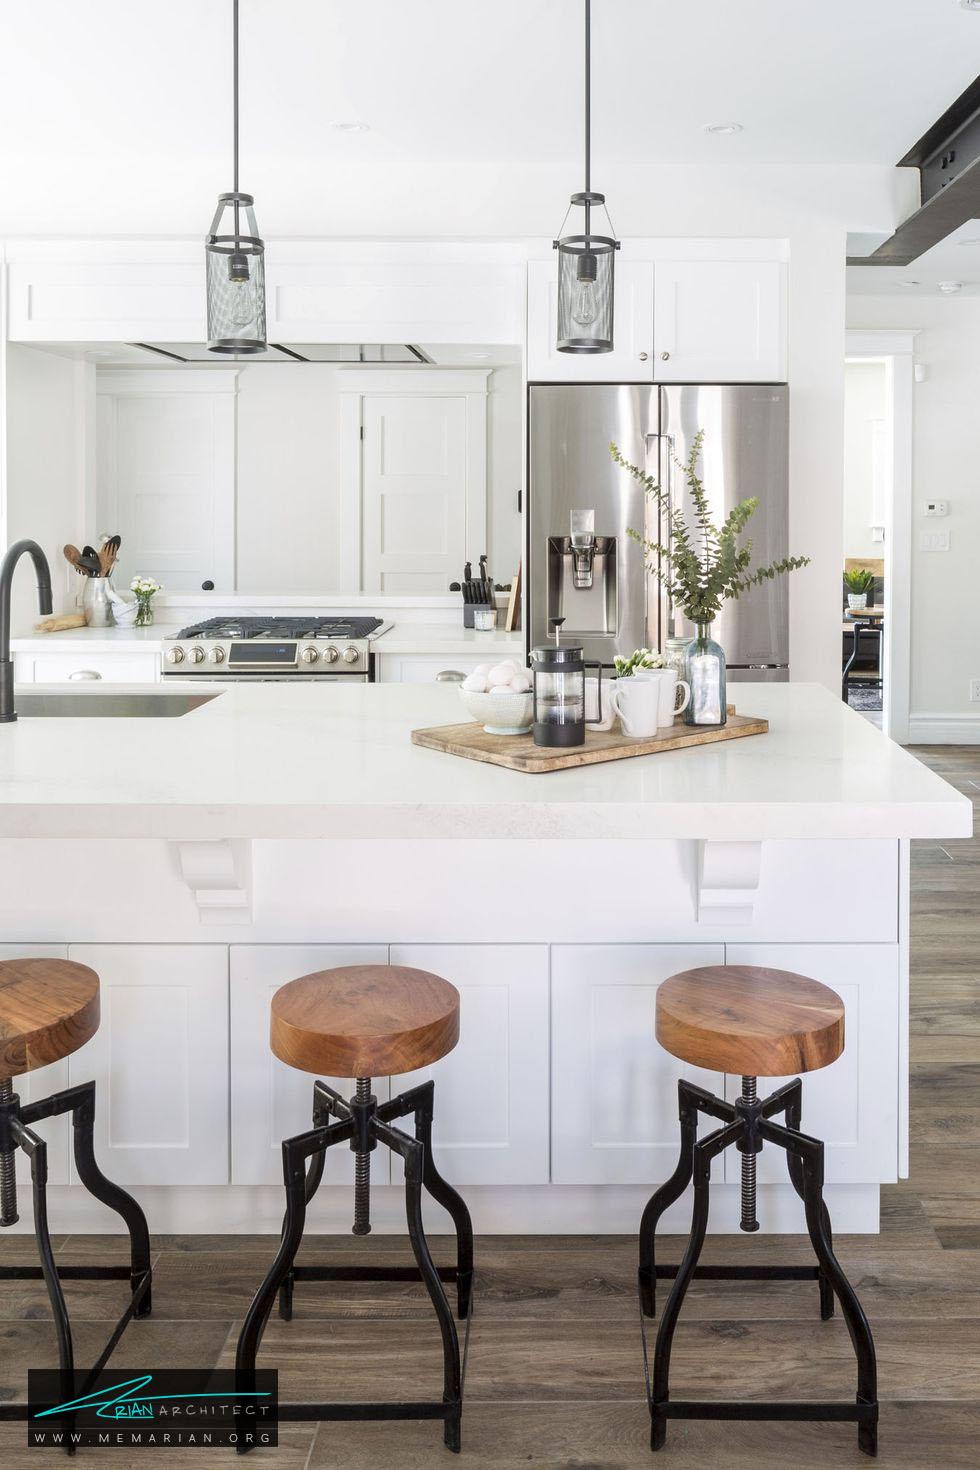 صفحه چوبی روی میز - 20 ایده جذاب برای دکوراسیون آشپزخانه